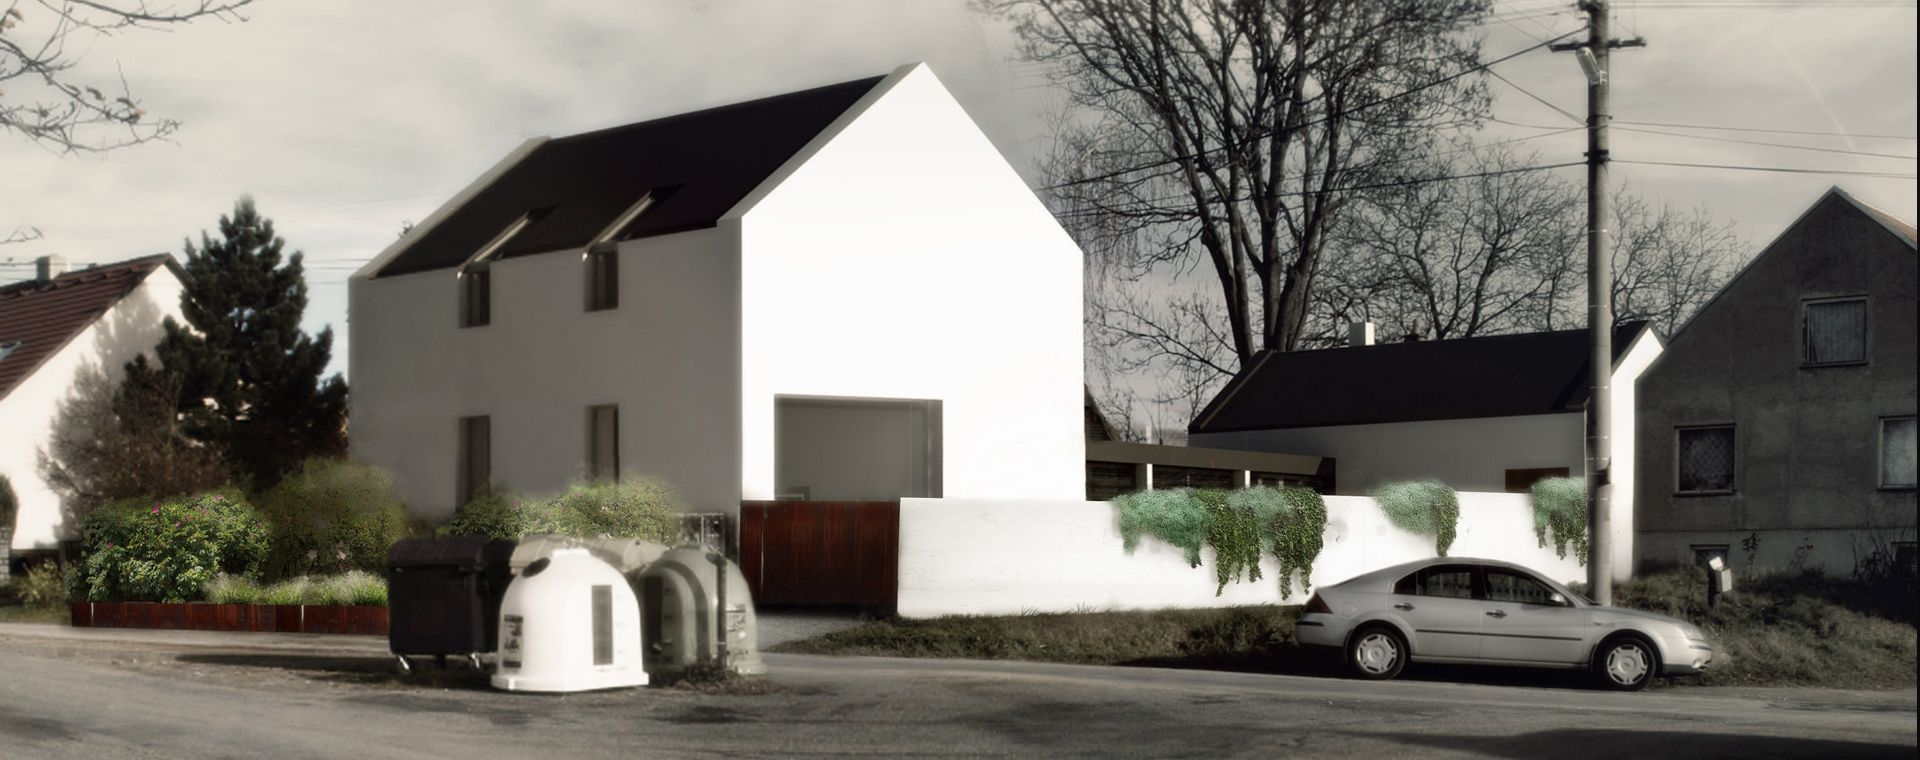 Zahrada pro školící středisko ve Stanovišti u Brna, Jižní Morava, 2012, CZ